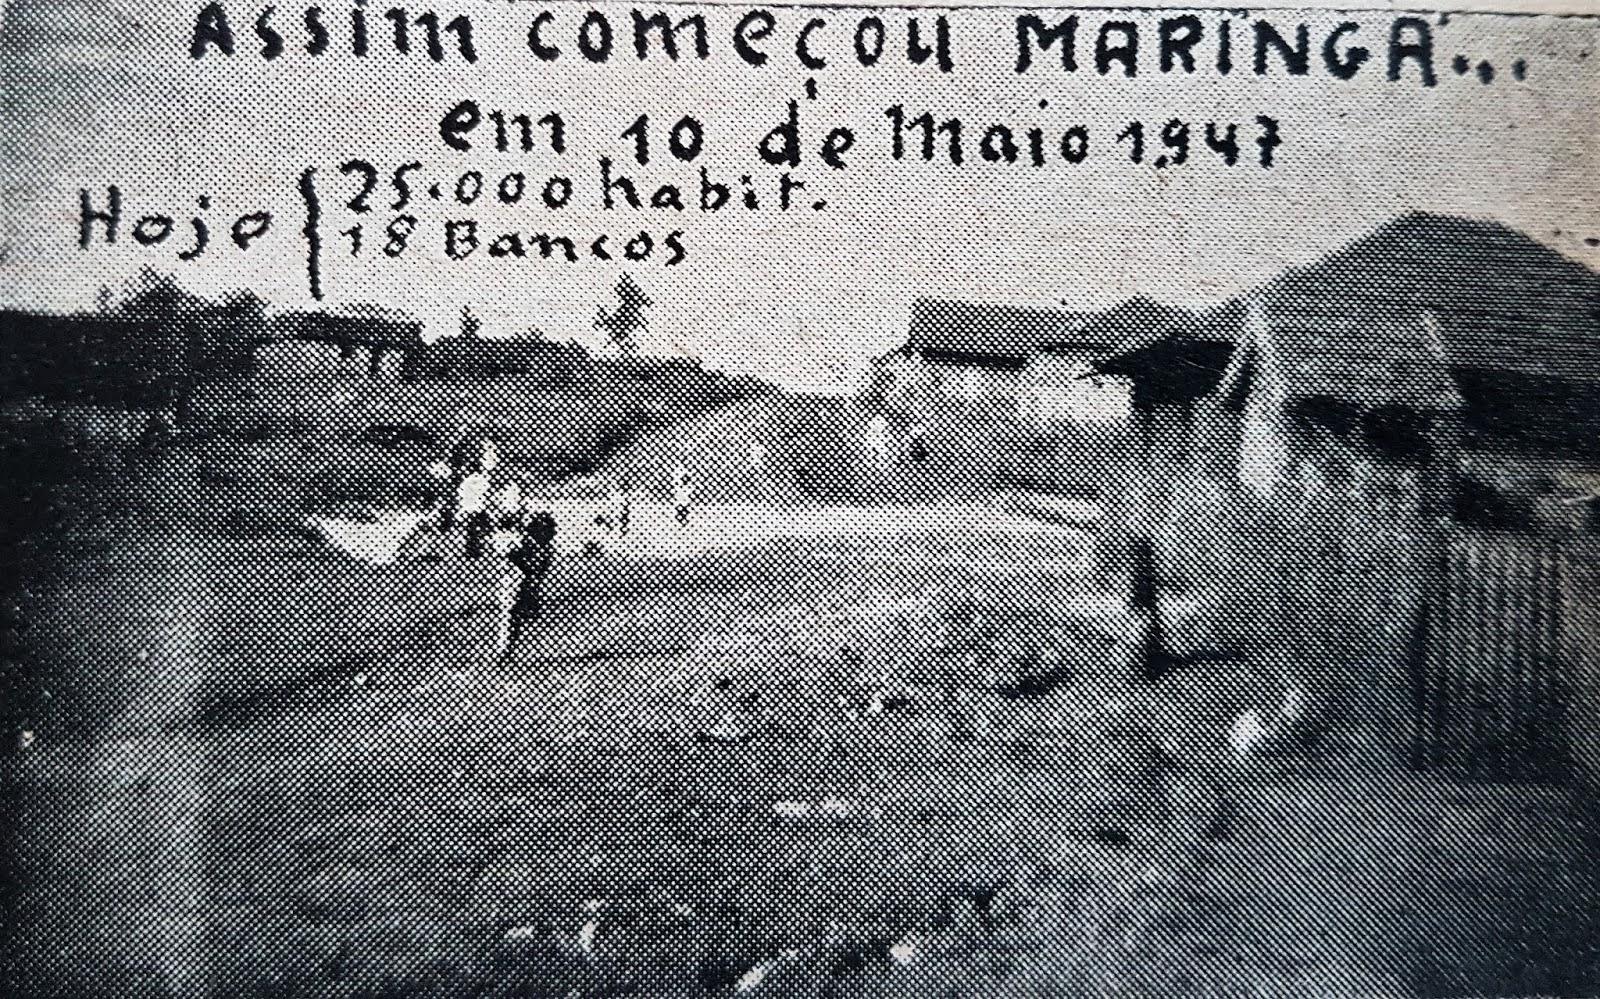 Maringá Velho - Década de 1940